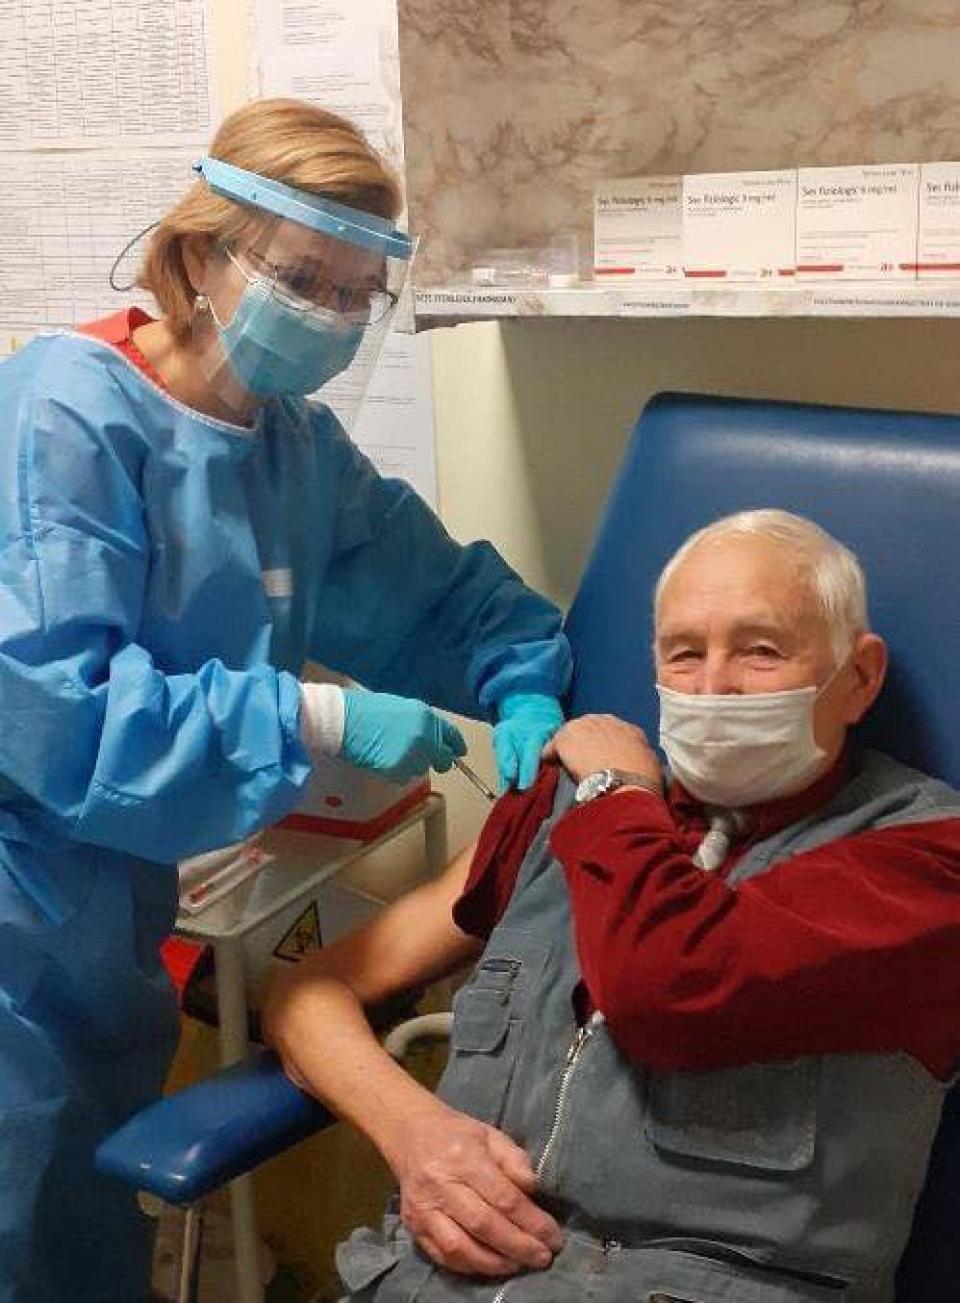 Veteranul Sabin Husariu din Cluj s-a vaccinat împotriva COVID  FOTO: RO Vaccinare/Spitalul Militar Cluj